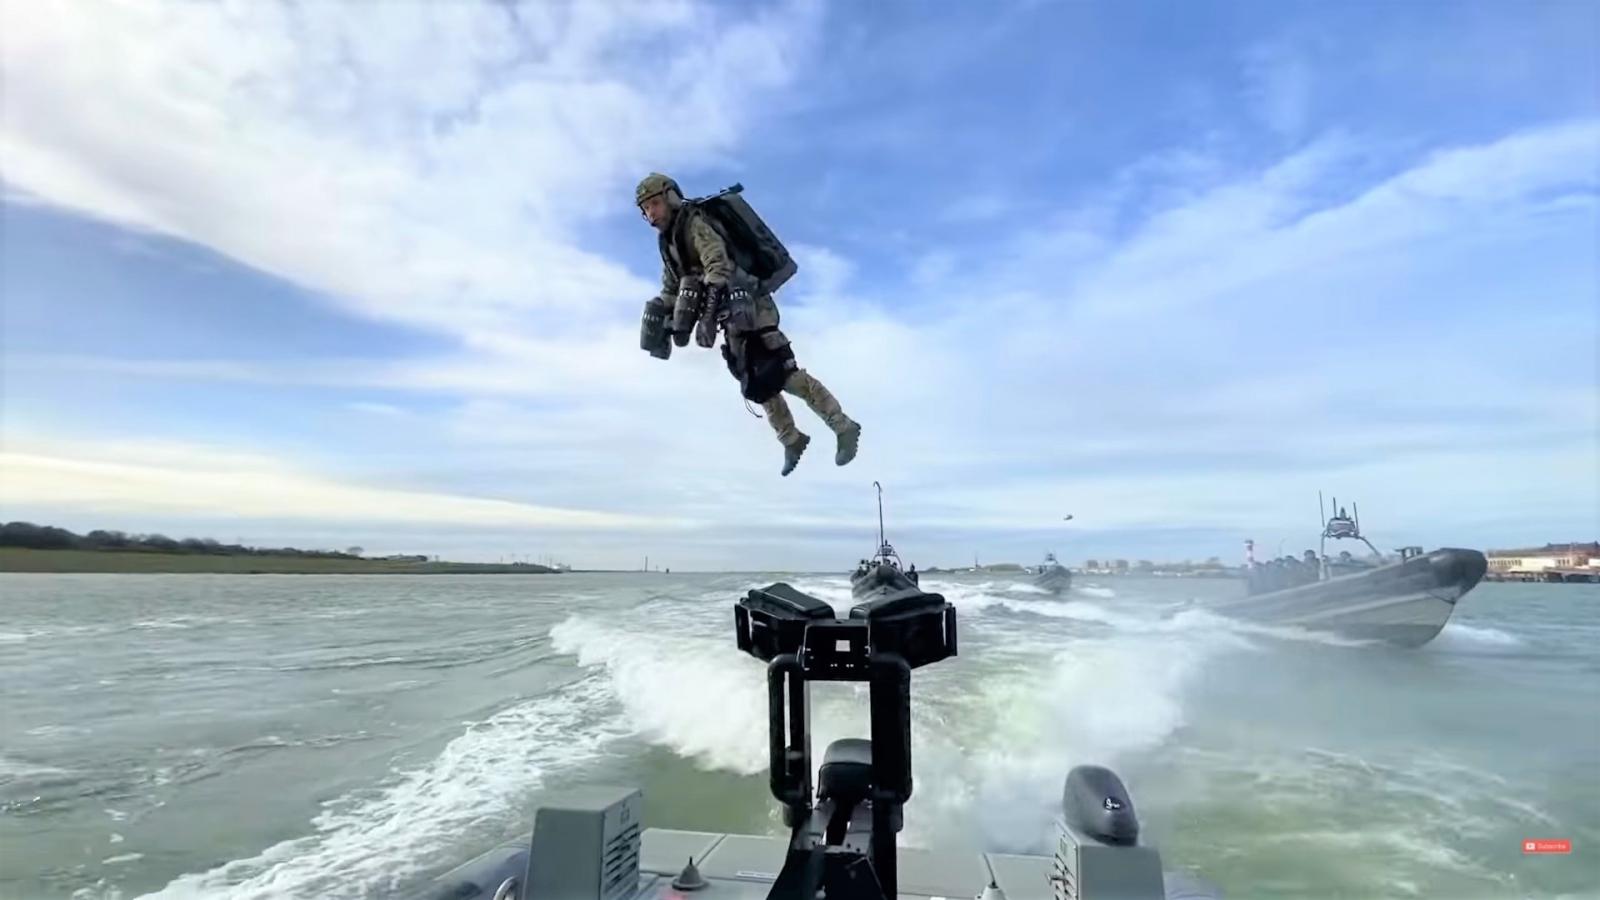 Thiết bị bay phản lực có thể thay đổi chiến thuật của các trận chiến trong tương lai?